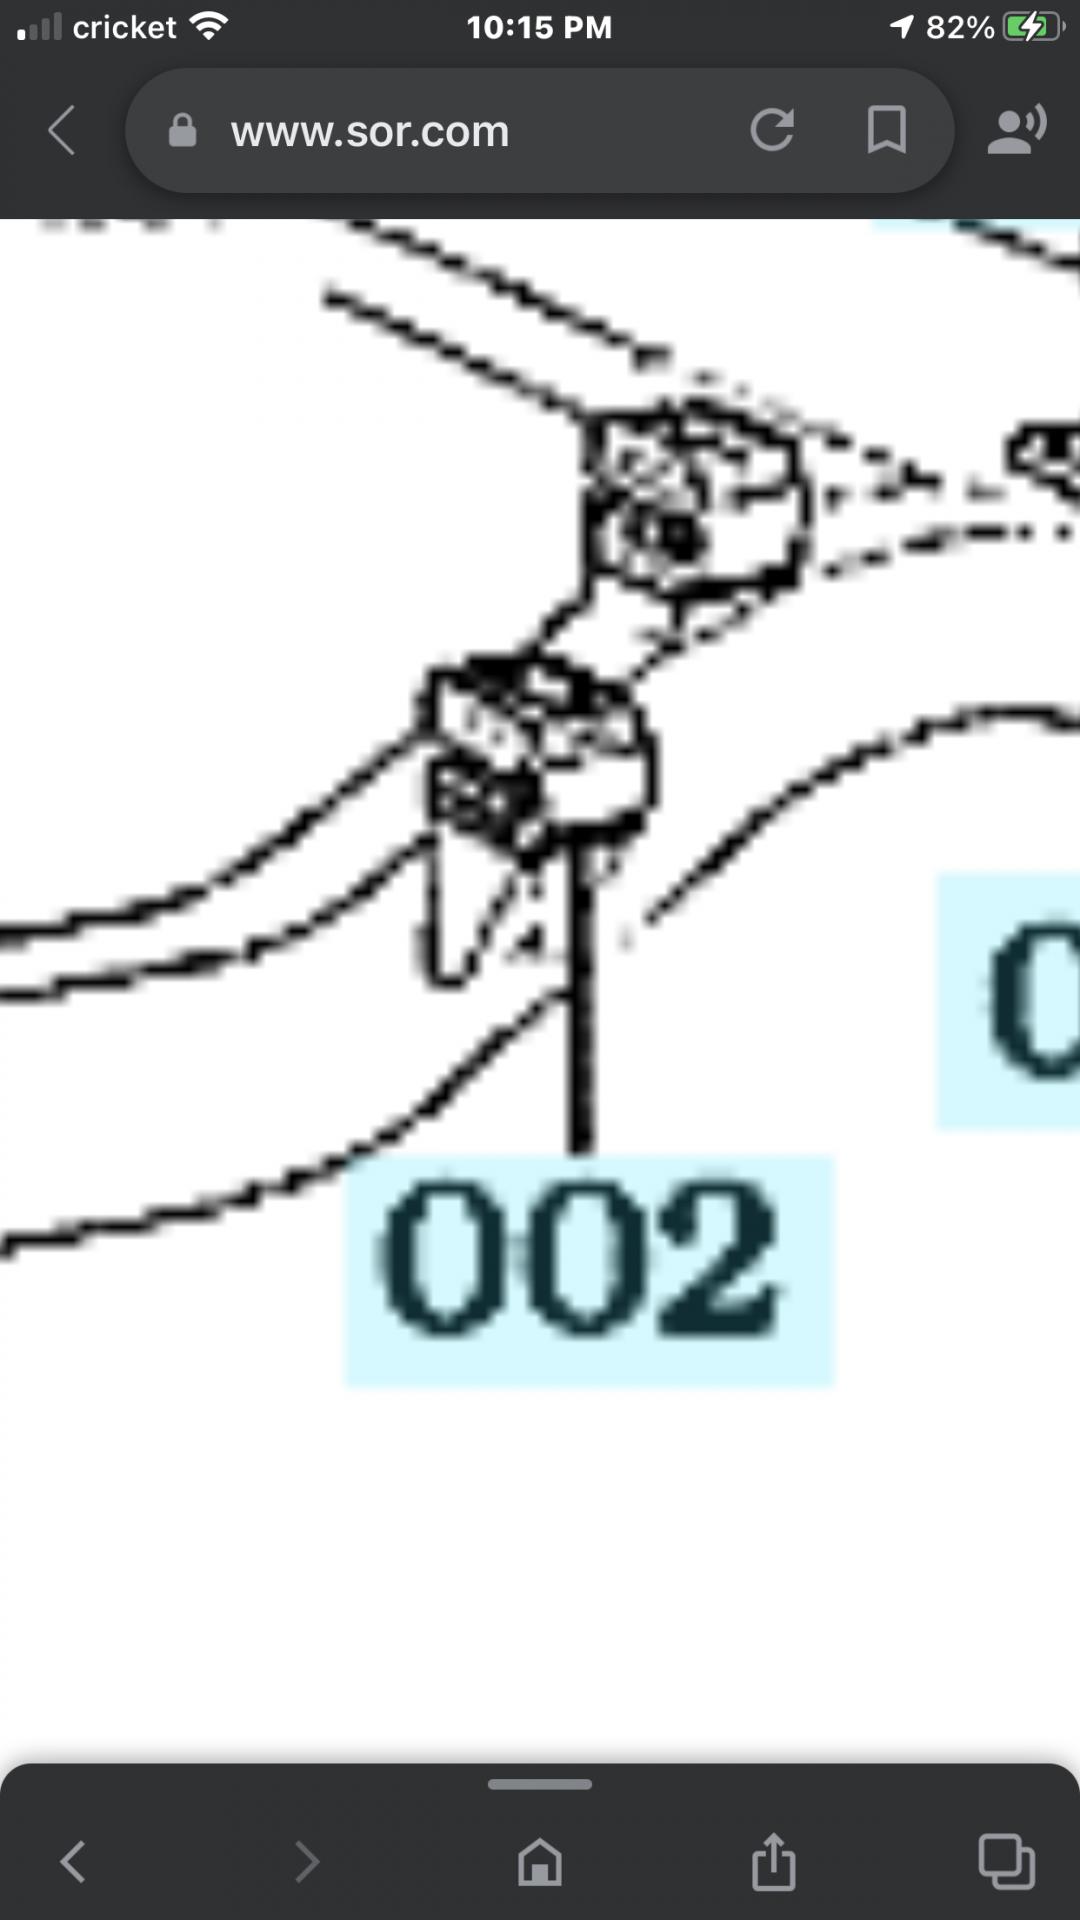 9426084B-0903-4E8A-AD27-B5747BDF02C8.png